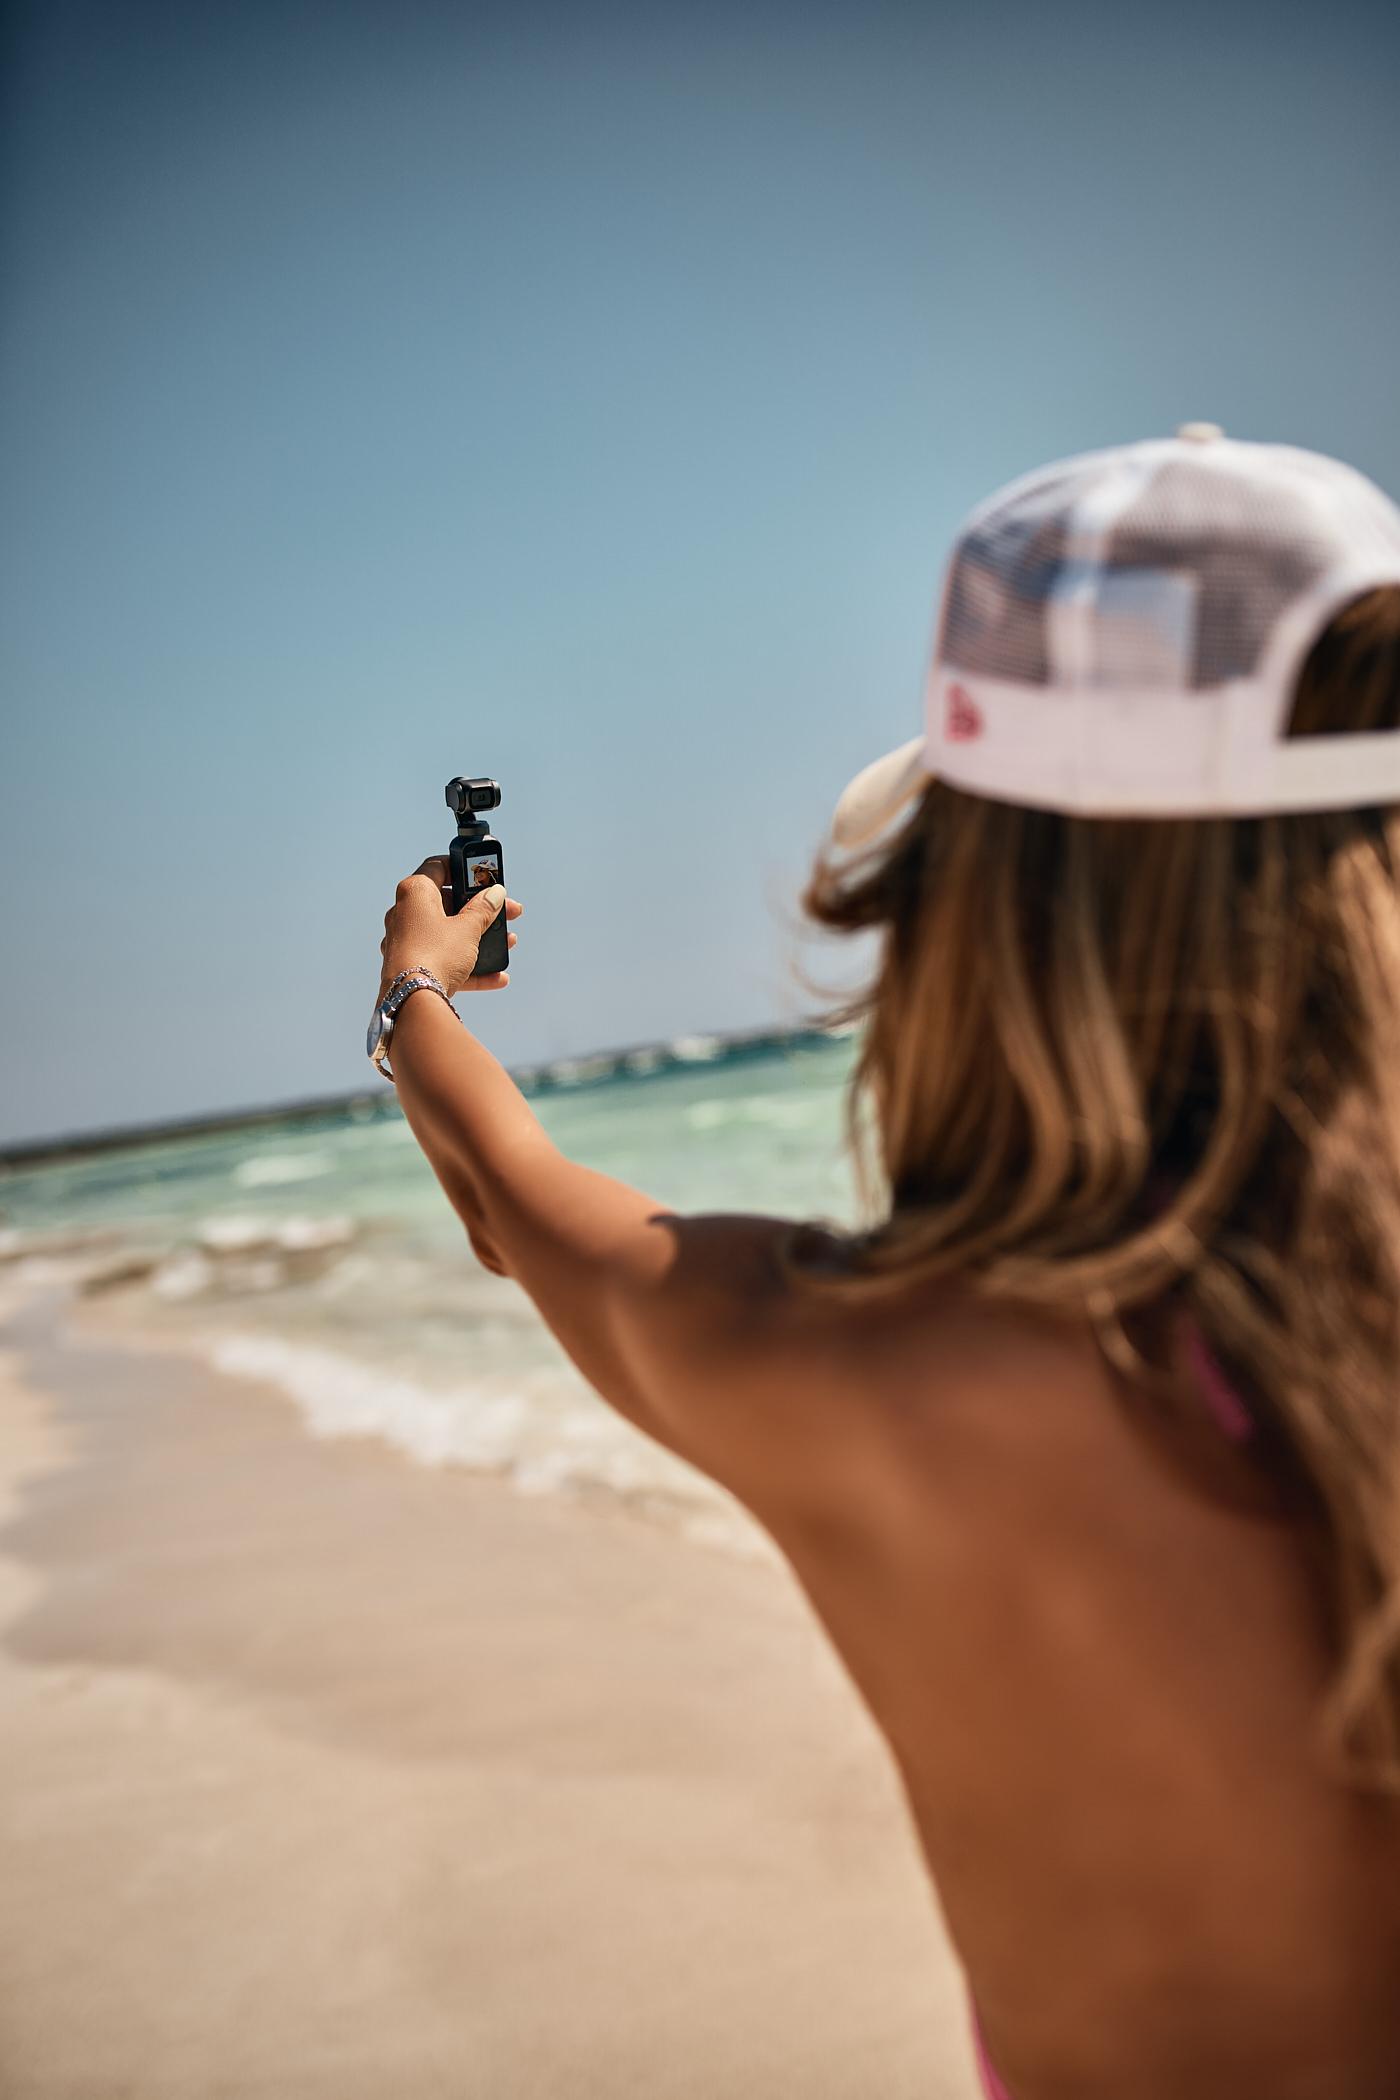 Tryb Selfie, śledzenie twarzy, osmo pocket